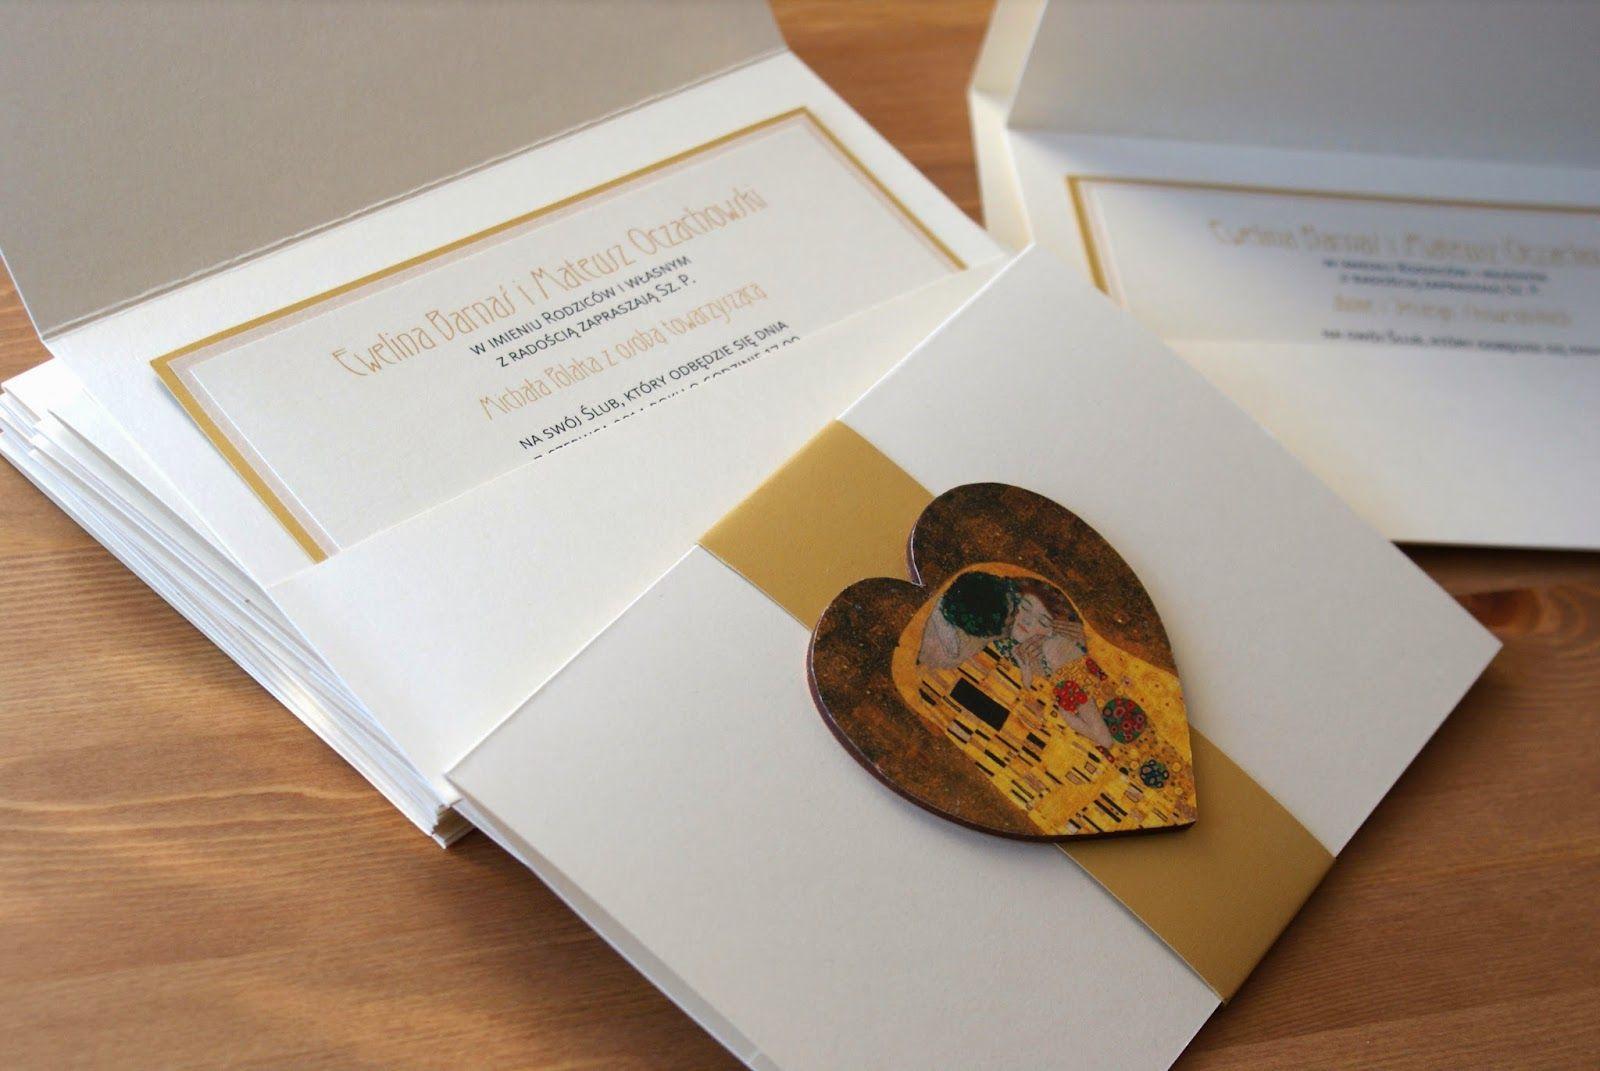 Partecipazioni Matrimonio Klimt.Zaproszenia By Klimt Przedstawiam Wam Zaproszenia Slubne